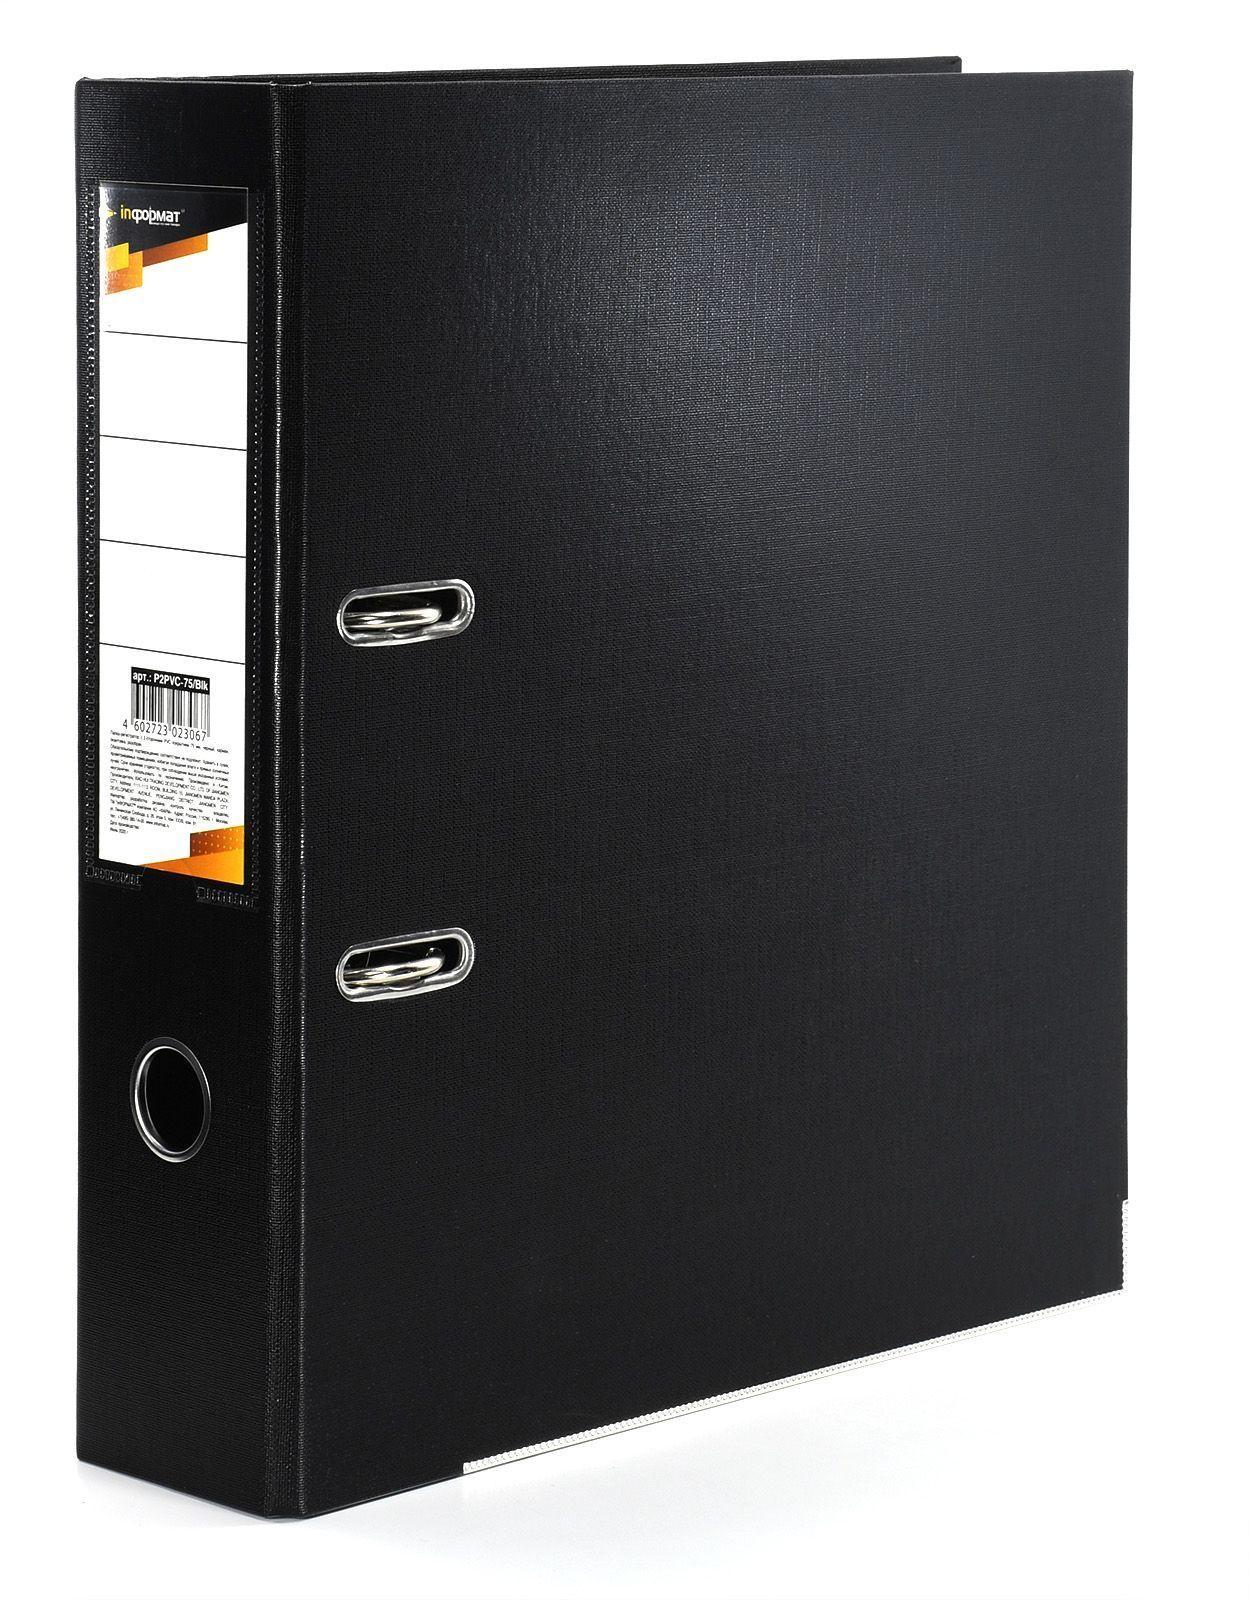 Папка-регистратор INFORMAT 75 мм двухстороннее покрытие PVC, черная